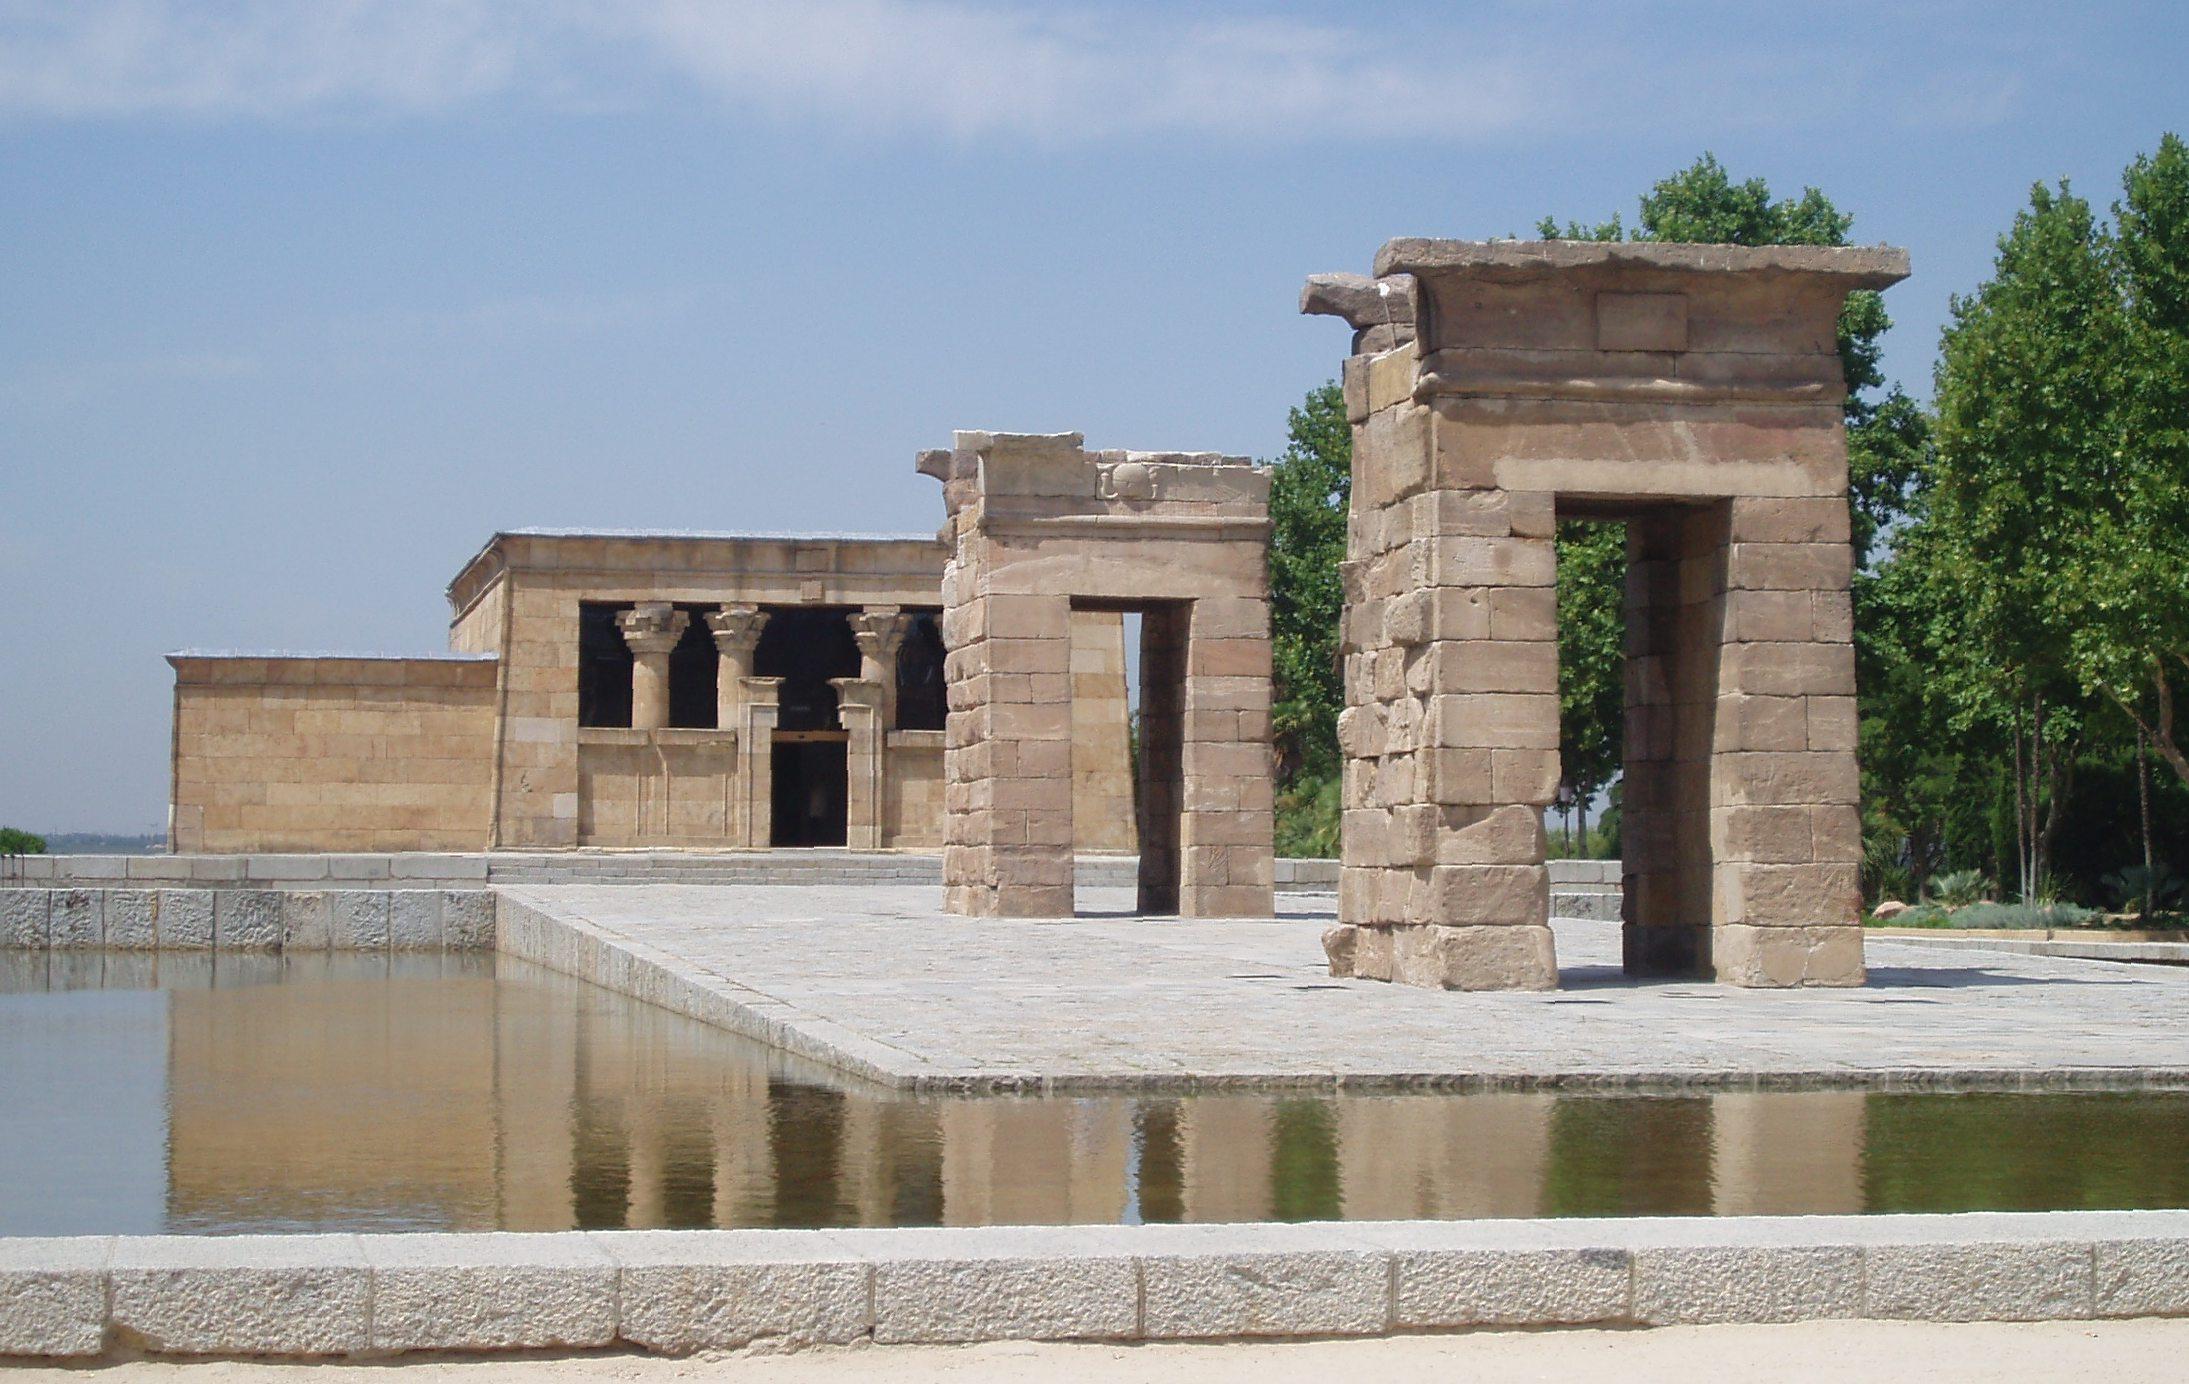 El Templo de Debod en su ubicación actual.